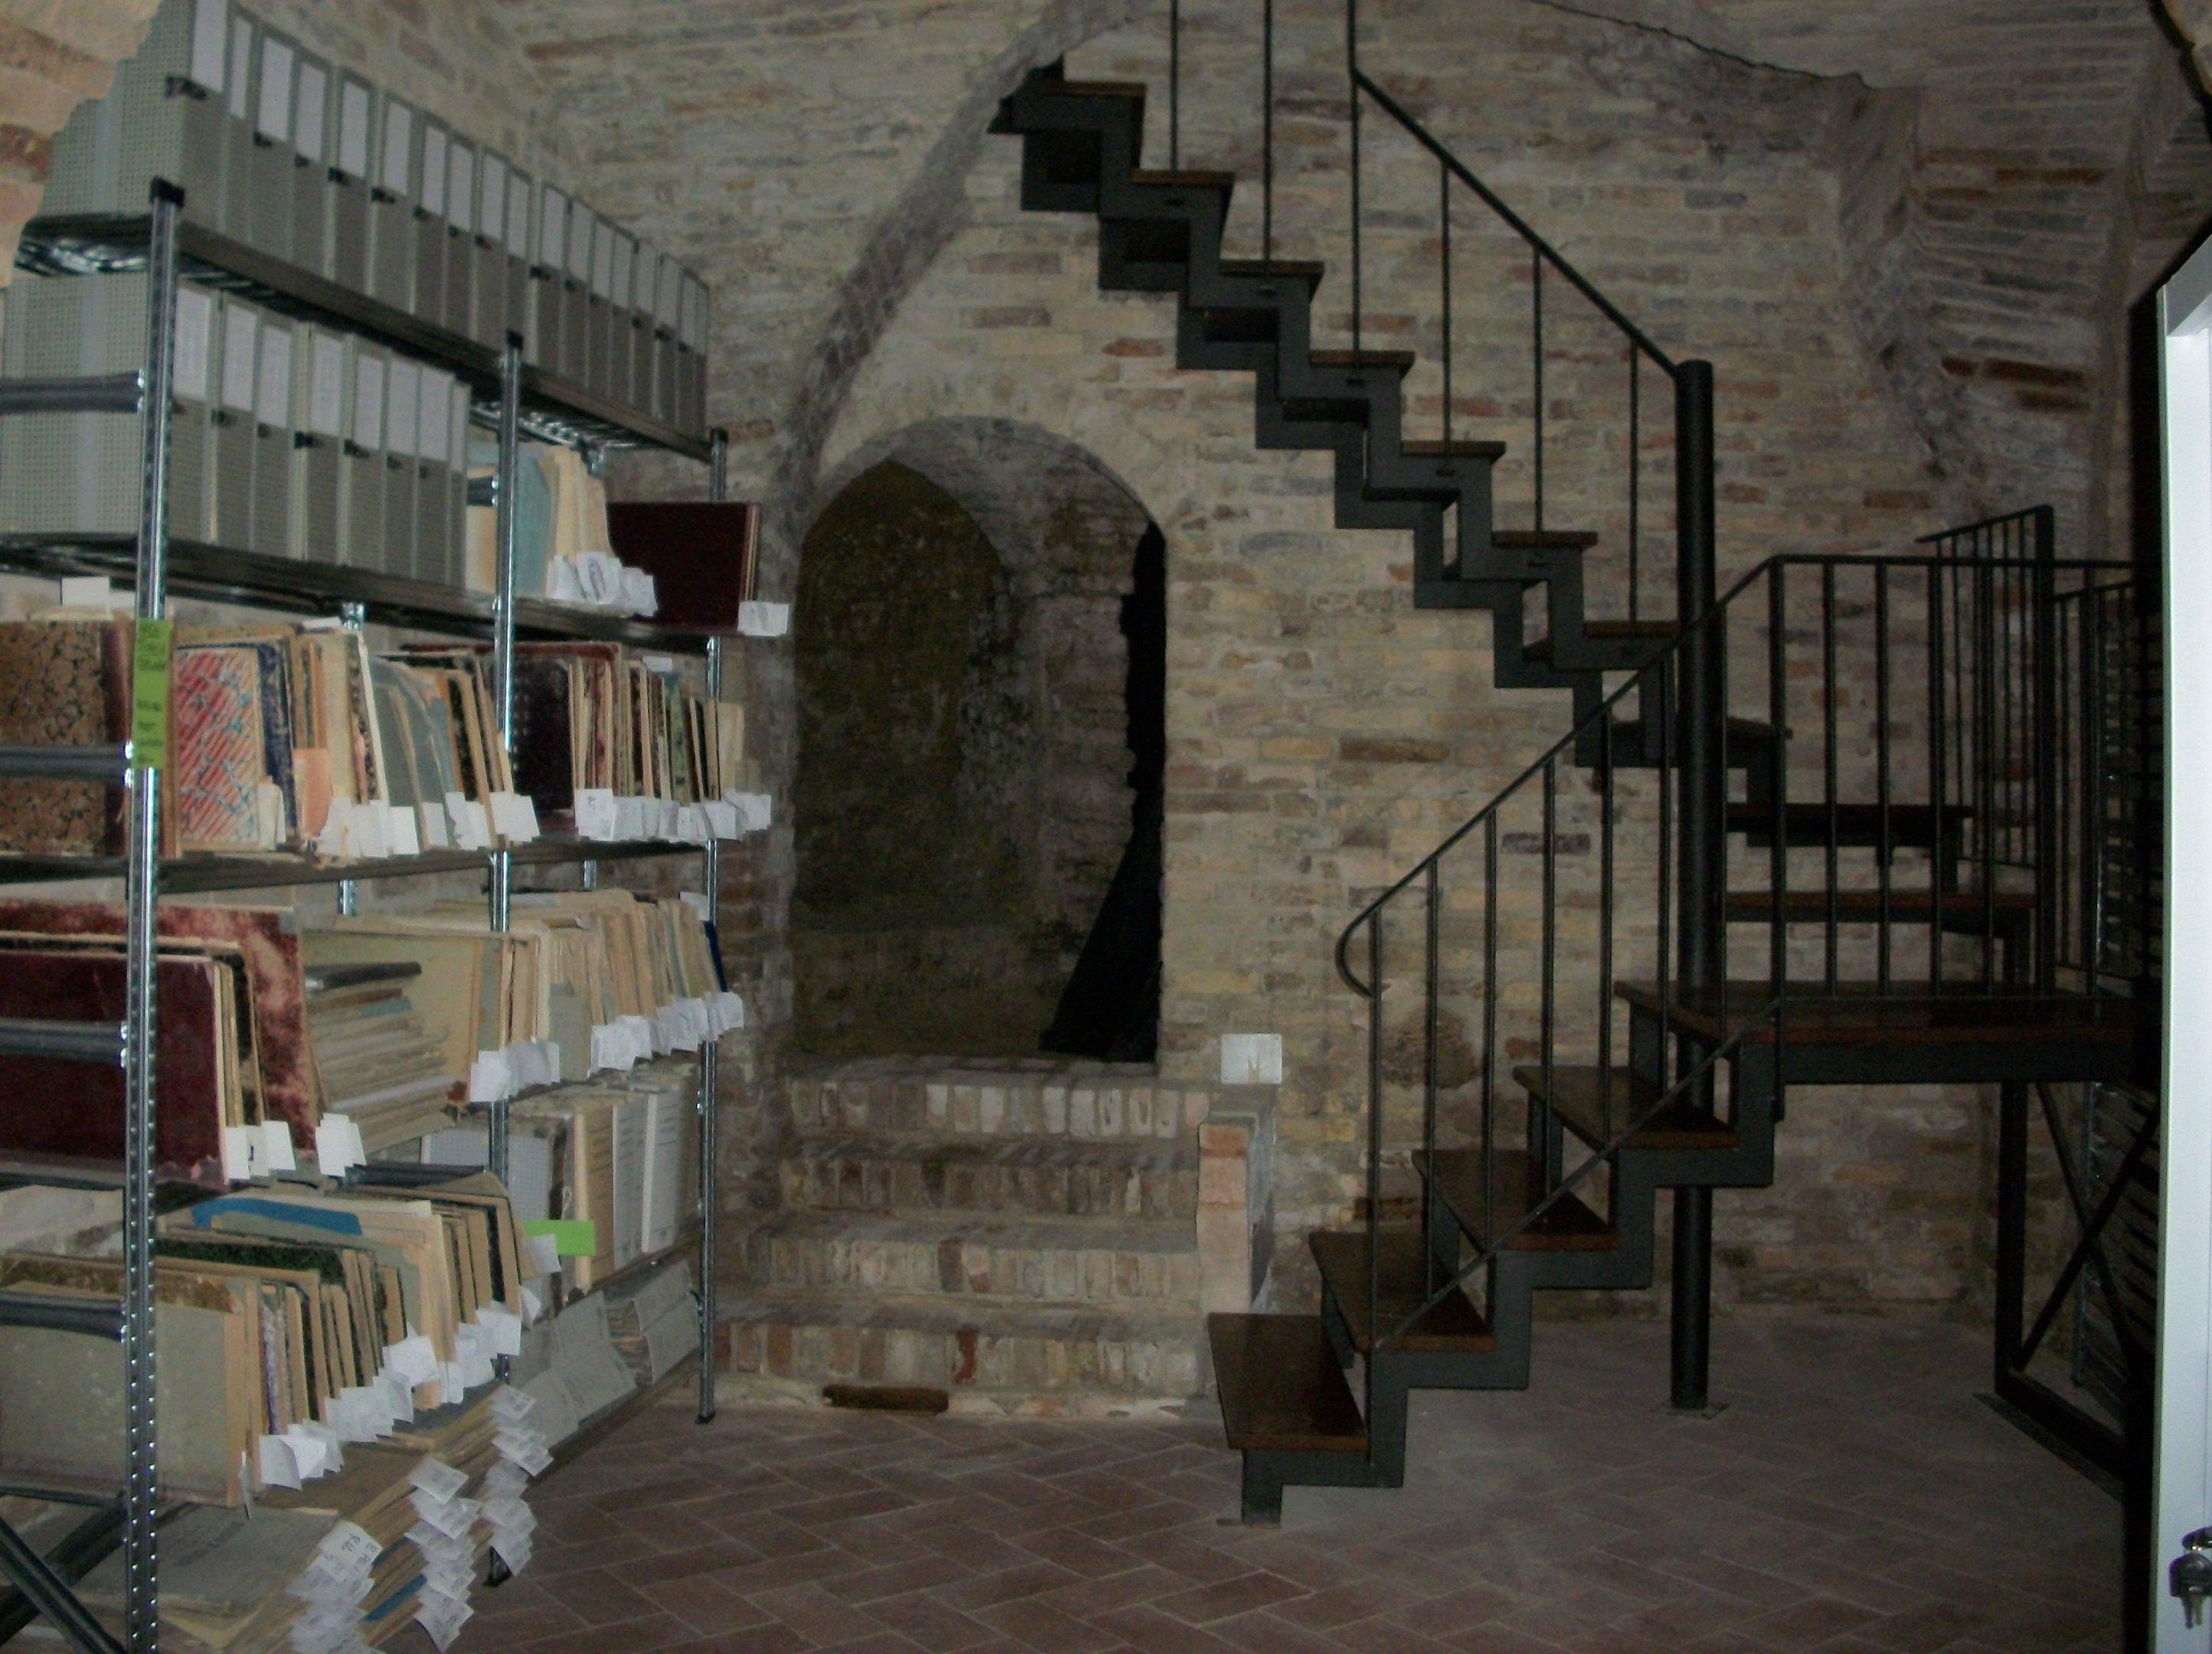 Insieme alla biblioteca sarà riaperto l'archivio storico comunale